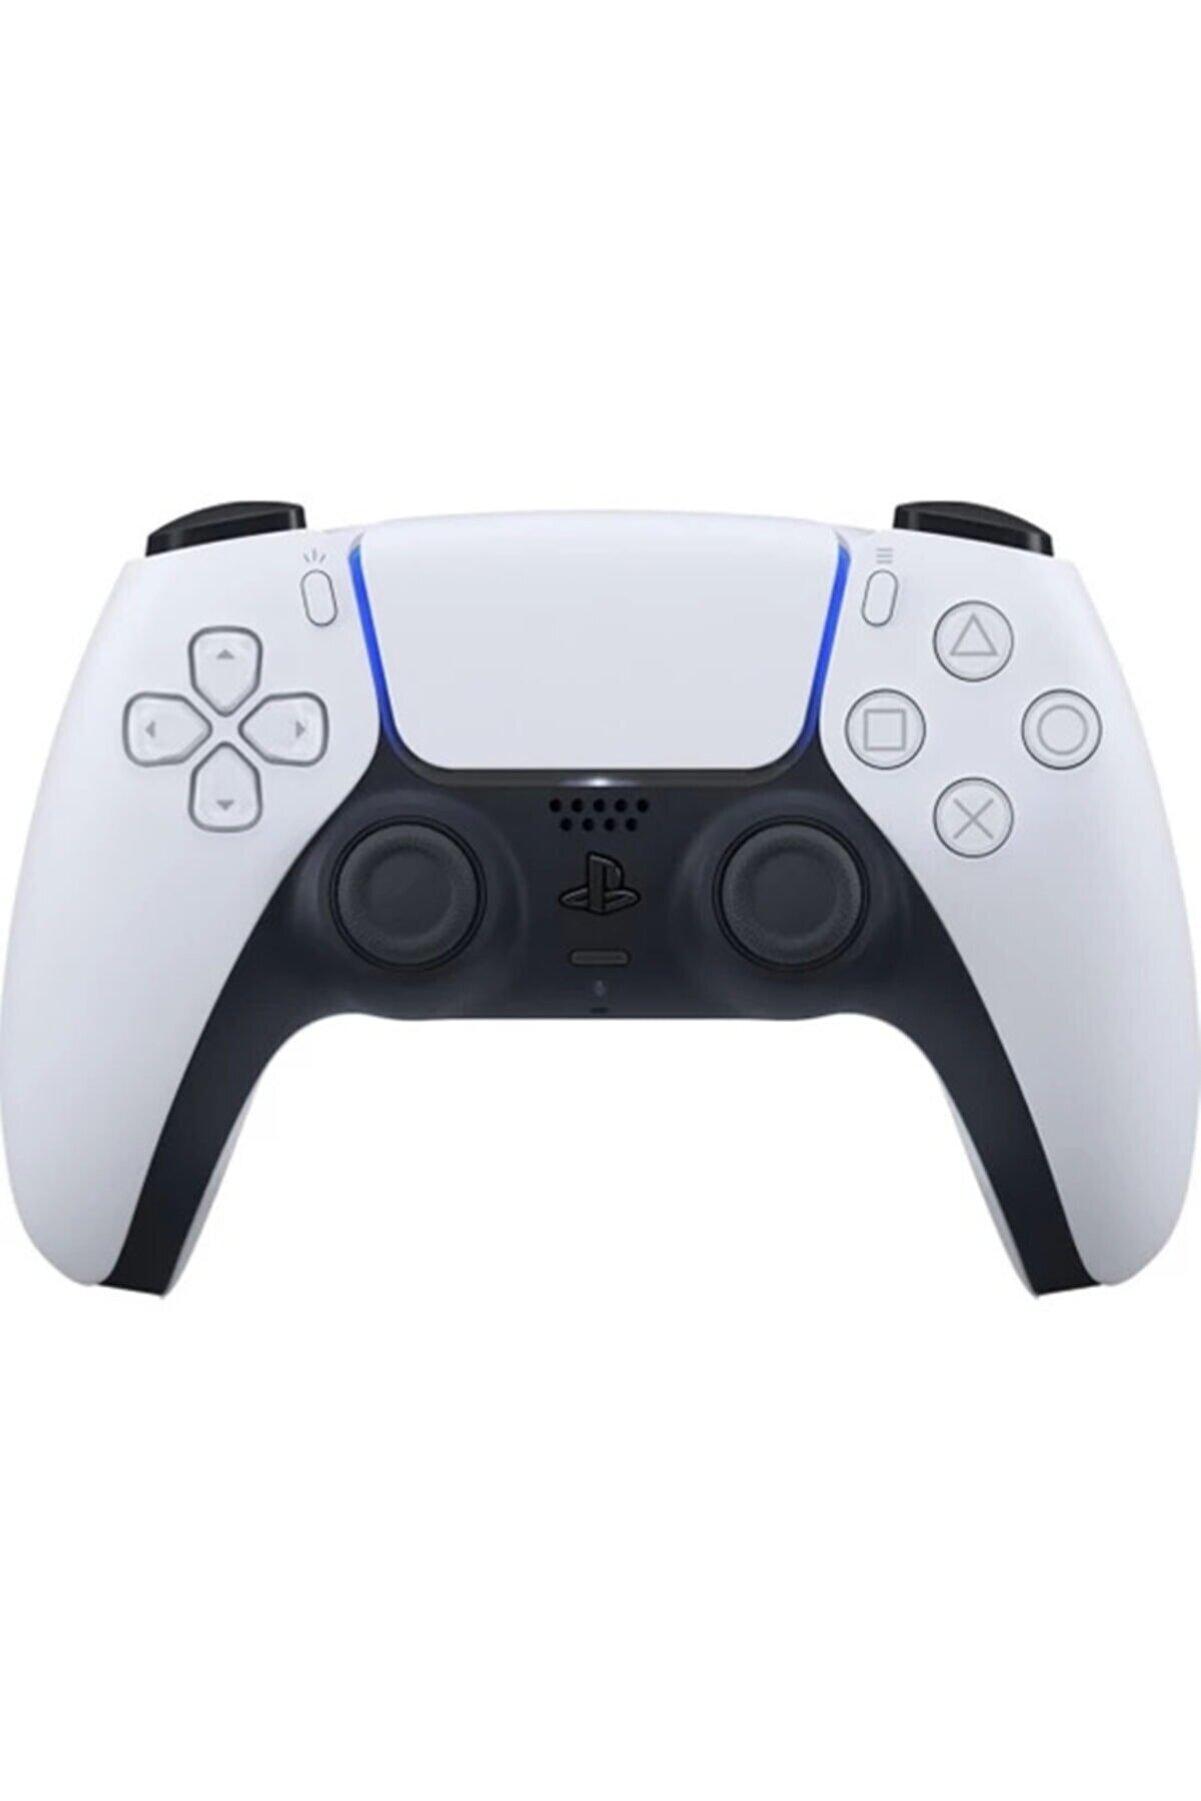 Sony Playstation 5 Dualsense Controller Ps5 Kol (ithalatçı Garantili)